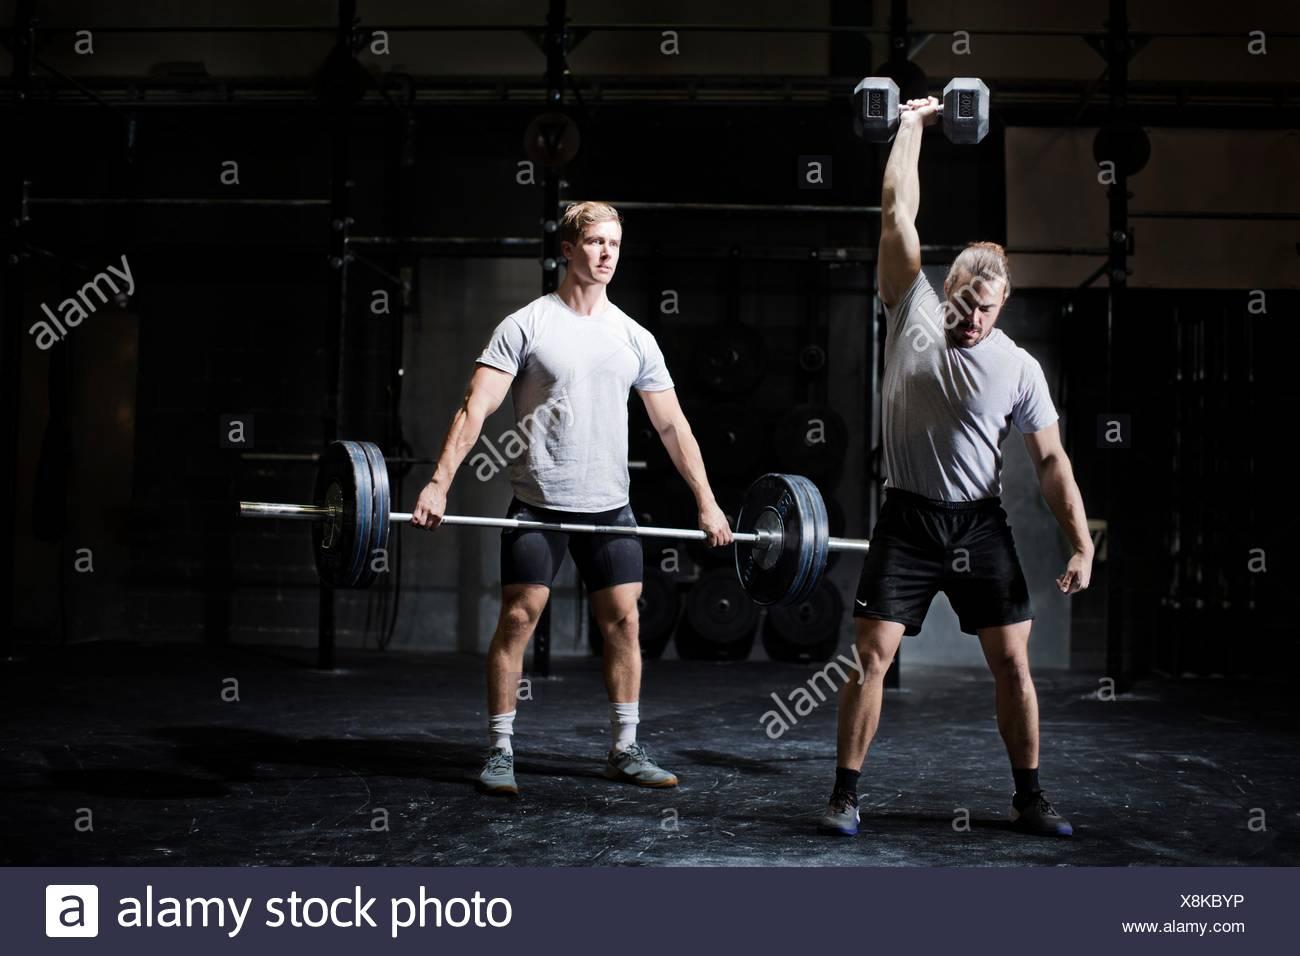 Dos hombres jóvenes halterofilia con pesa y barbell en gimnasio oscuro Imagen De Stock